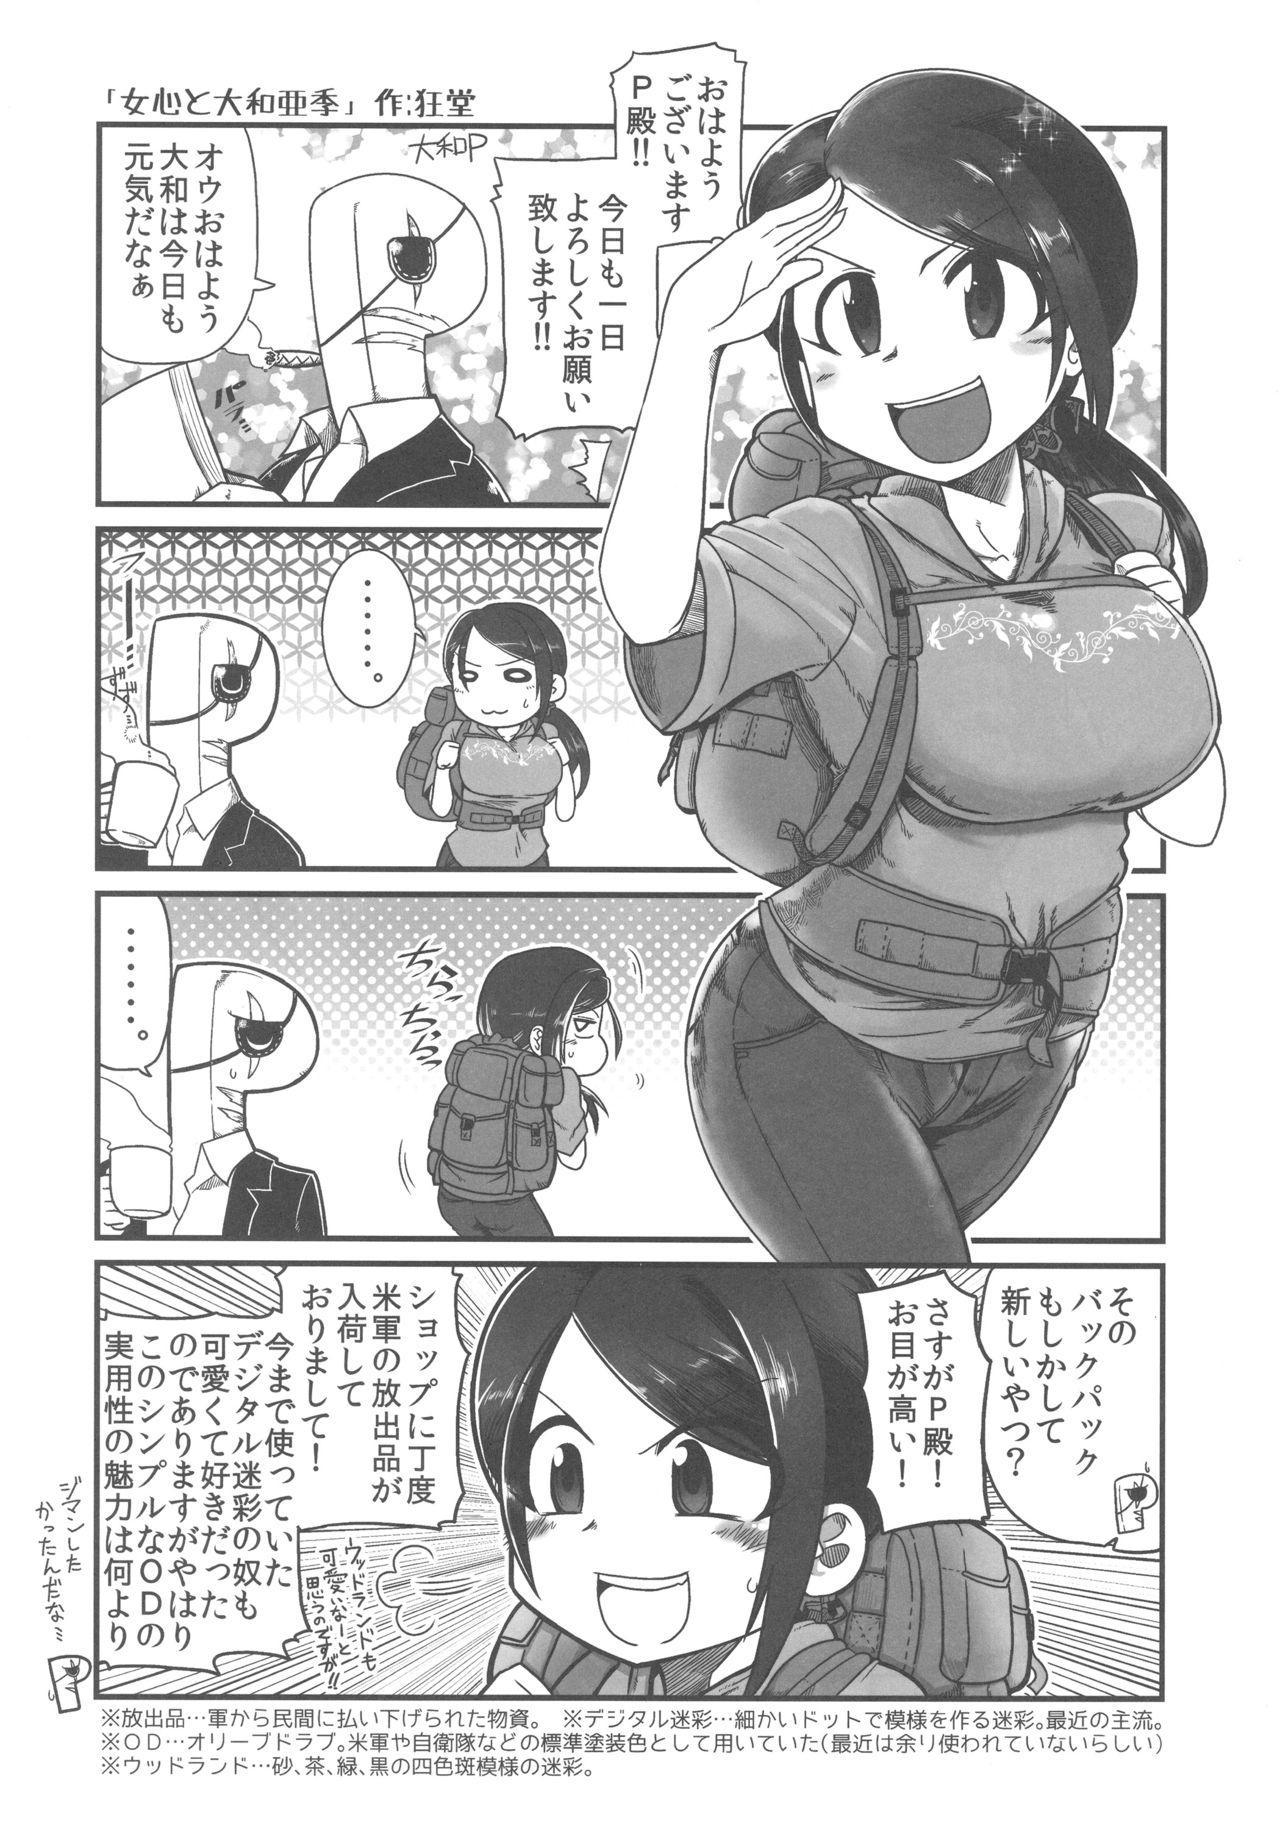 Yamato Aki to Ofuro ni Hairitai 18